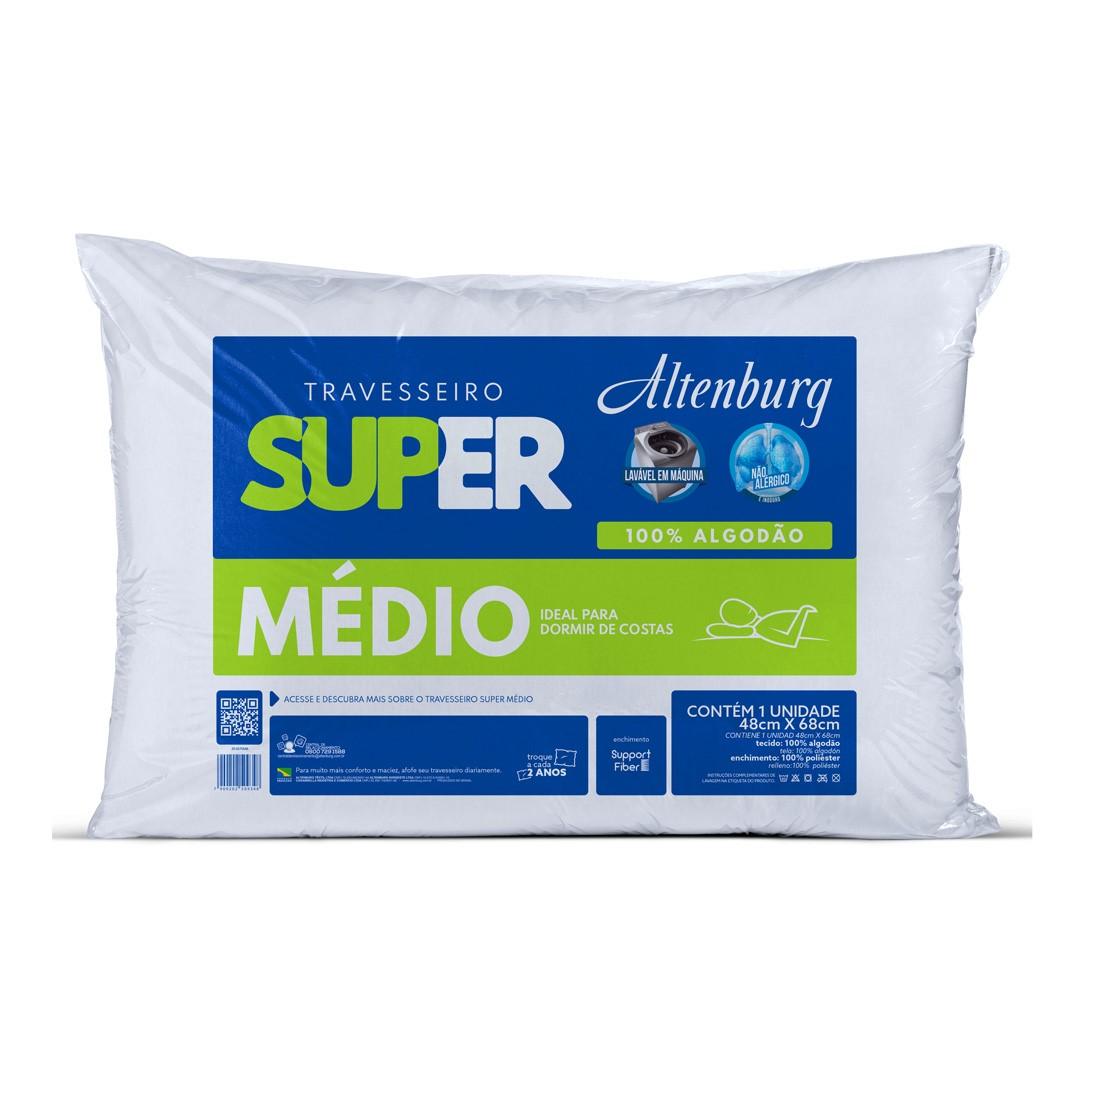 Travesseiro Altenburg 48×68 Super Suporte Médio Branco